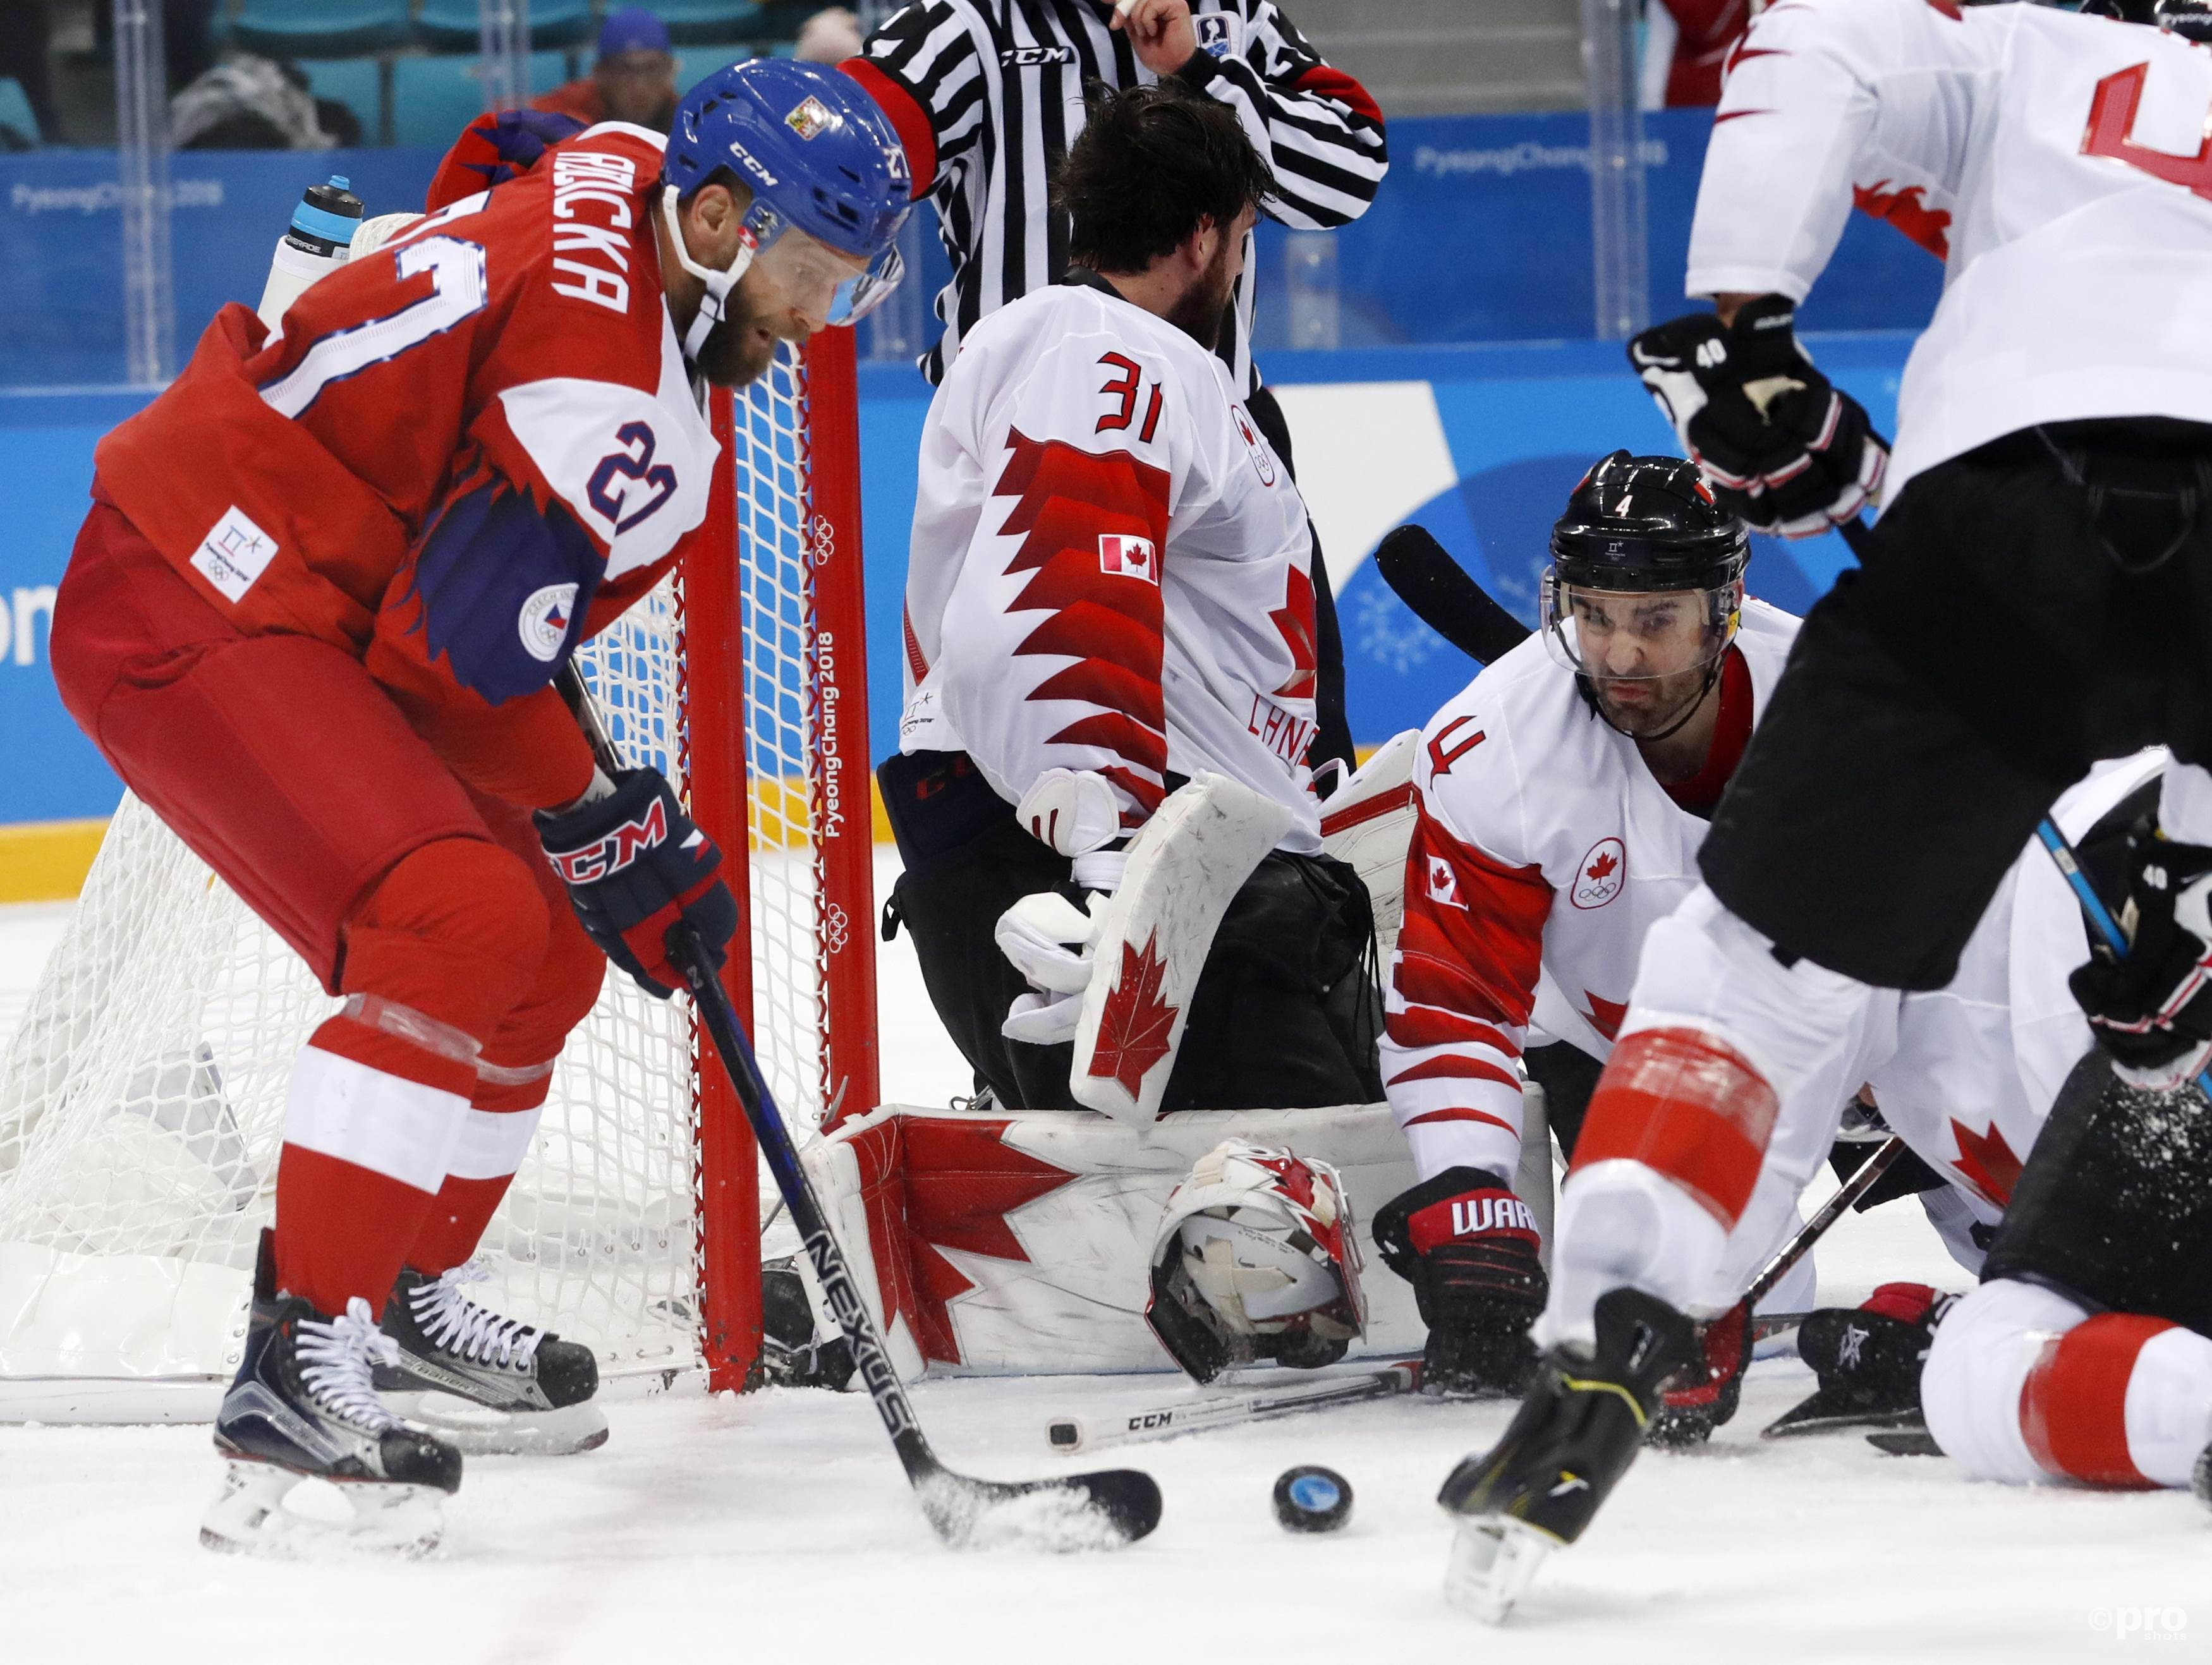 De Canadese goalie Kevin Poulin raakt zijn helm kwijt (Pro Shots/Action Images)